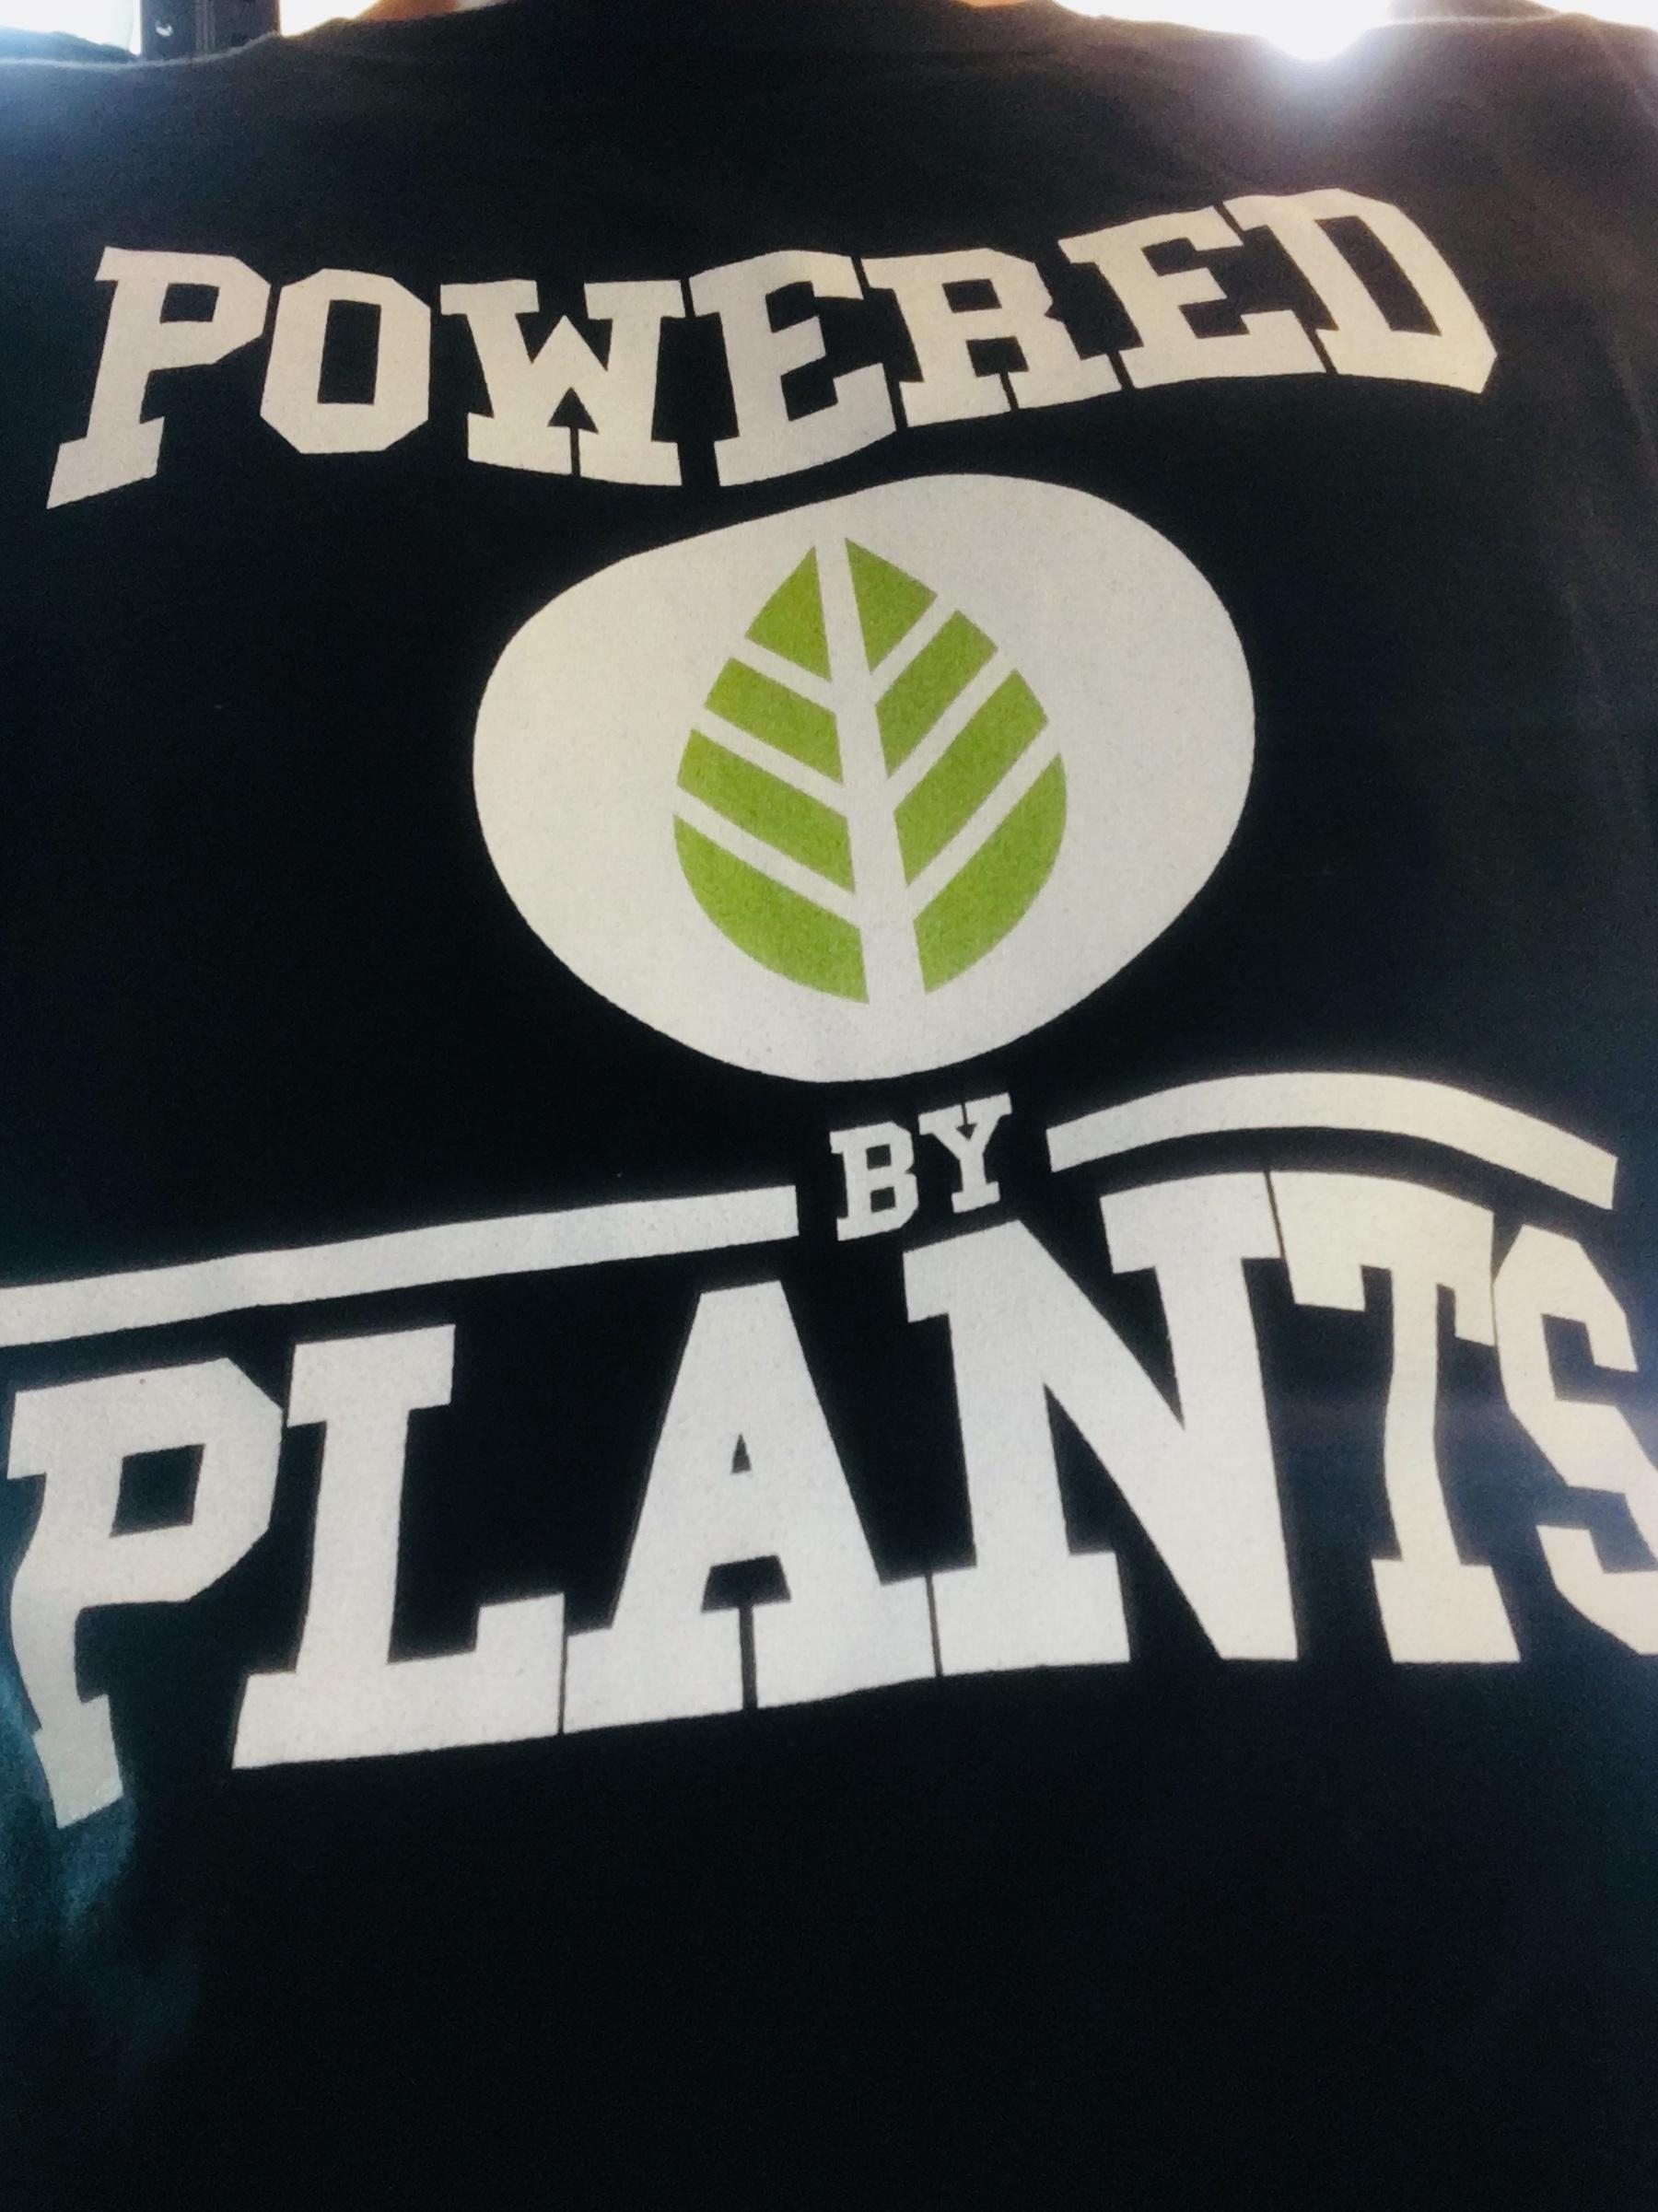 Powered by plants TShirt.jpg